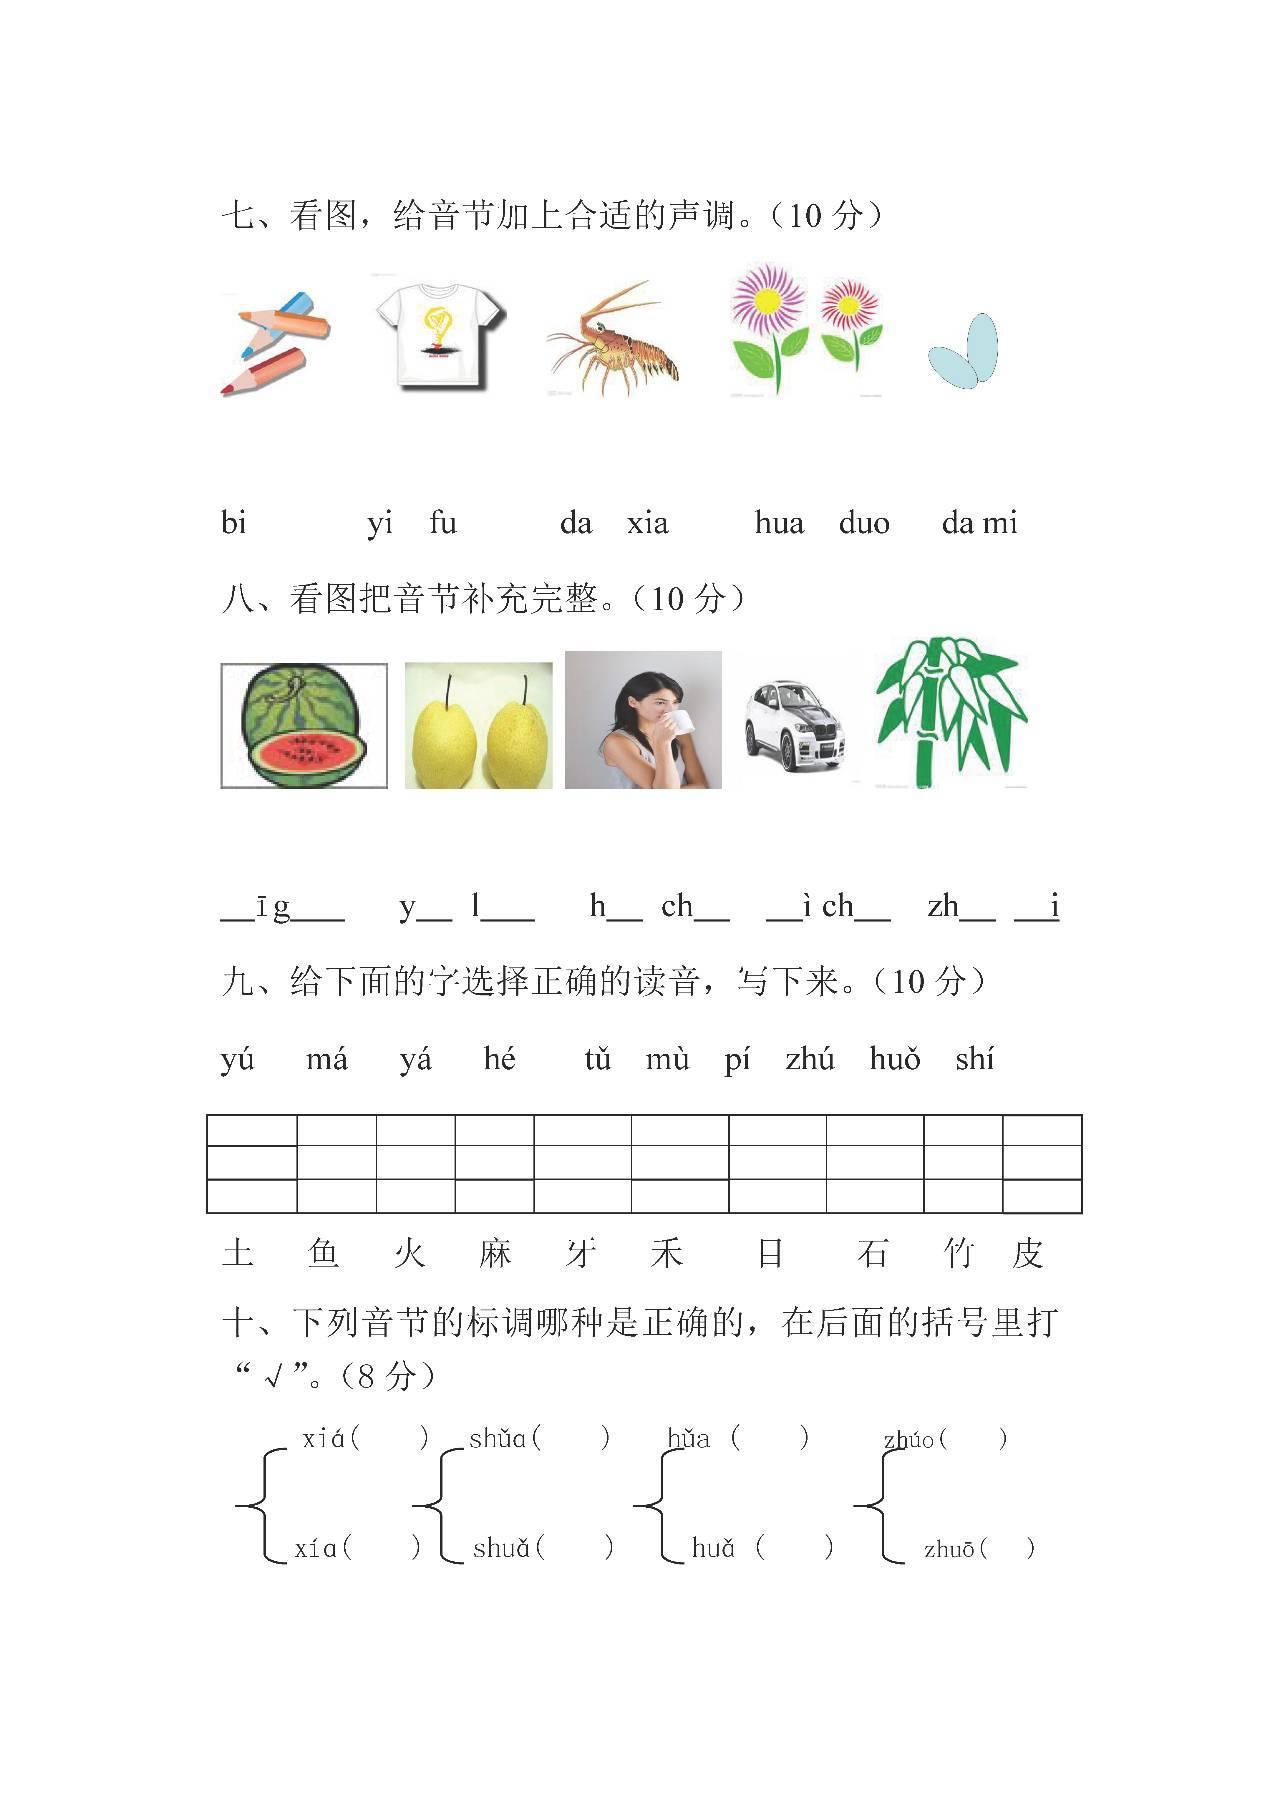 小学一年级拼���fyki�+��_苏教版小学一年级语文上册拼音练习题